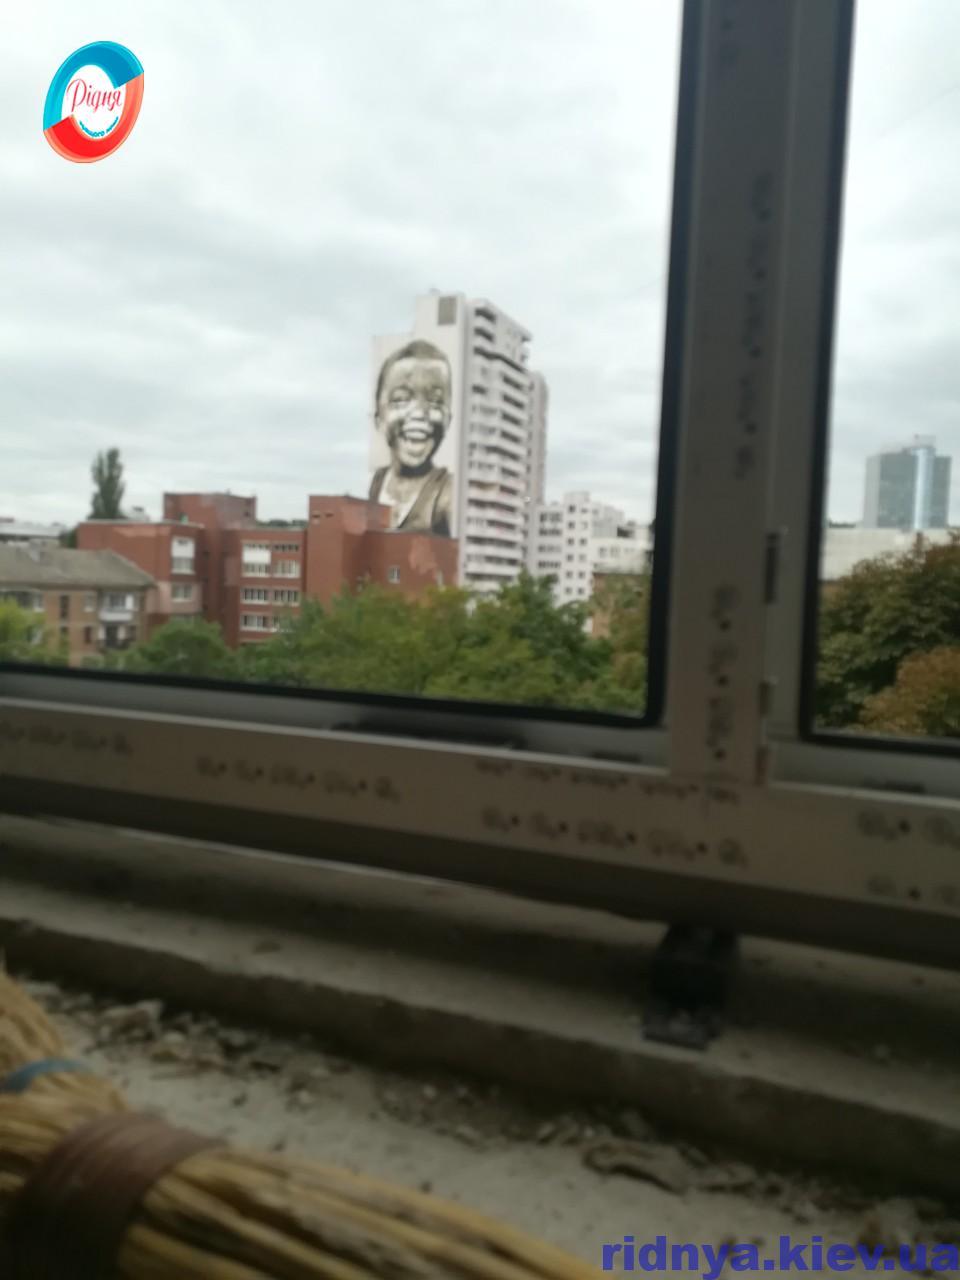 Монтажные клинья для установки окон